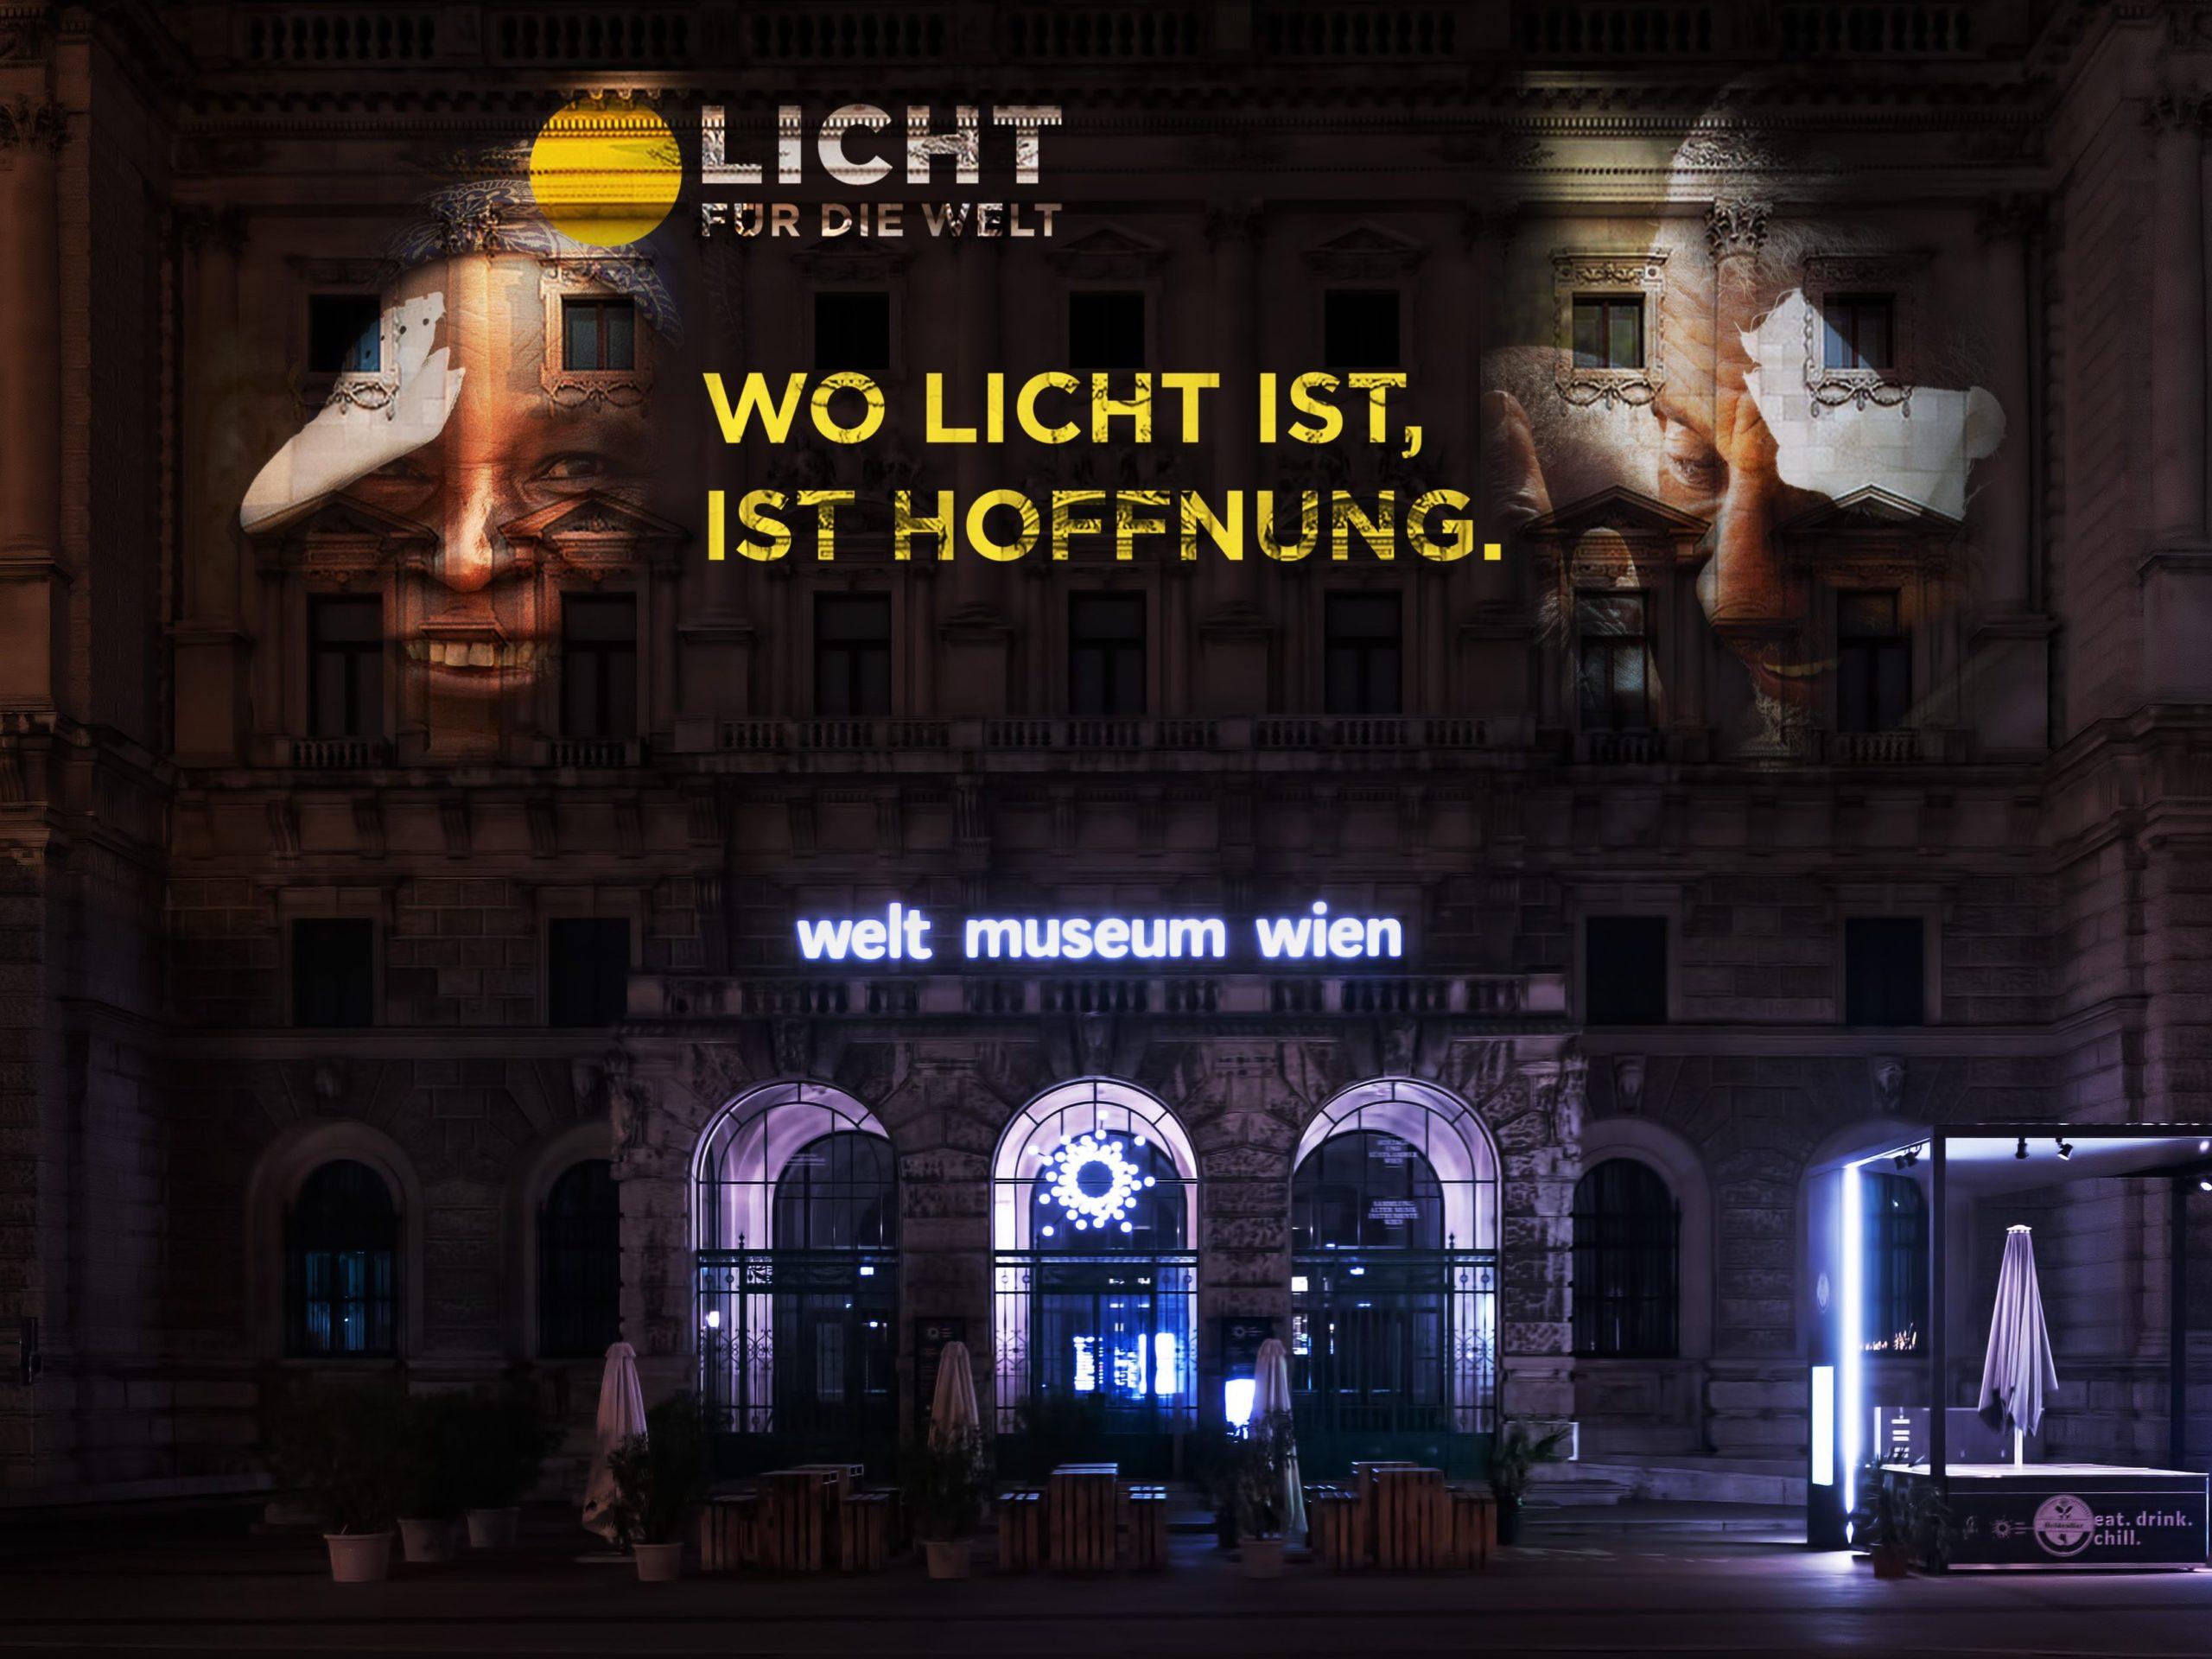 """Auf dem Bild sieht man das Weltmuseum in Wien bei Nacht. Auf der Fassade ist eine Lichtprojektion von der NGO Licht für die Welt zu sehen. Es ist der Schriftzug """"Wo Licht ist, ist Hoffnung."""" zu sehen."""